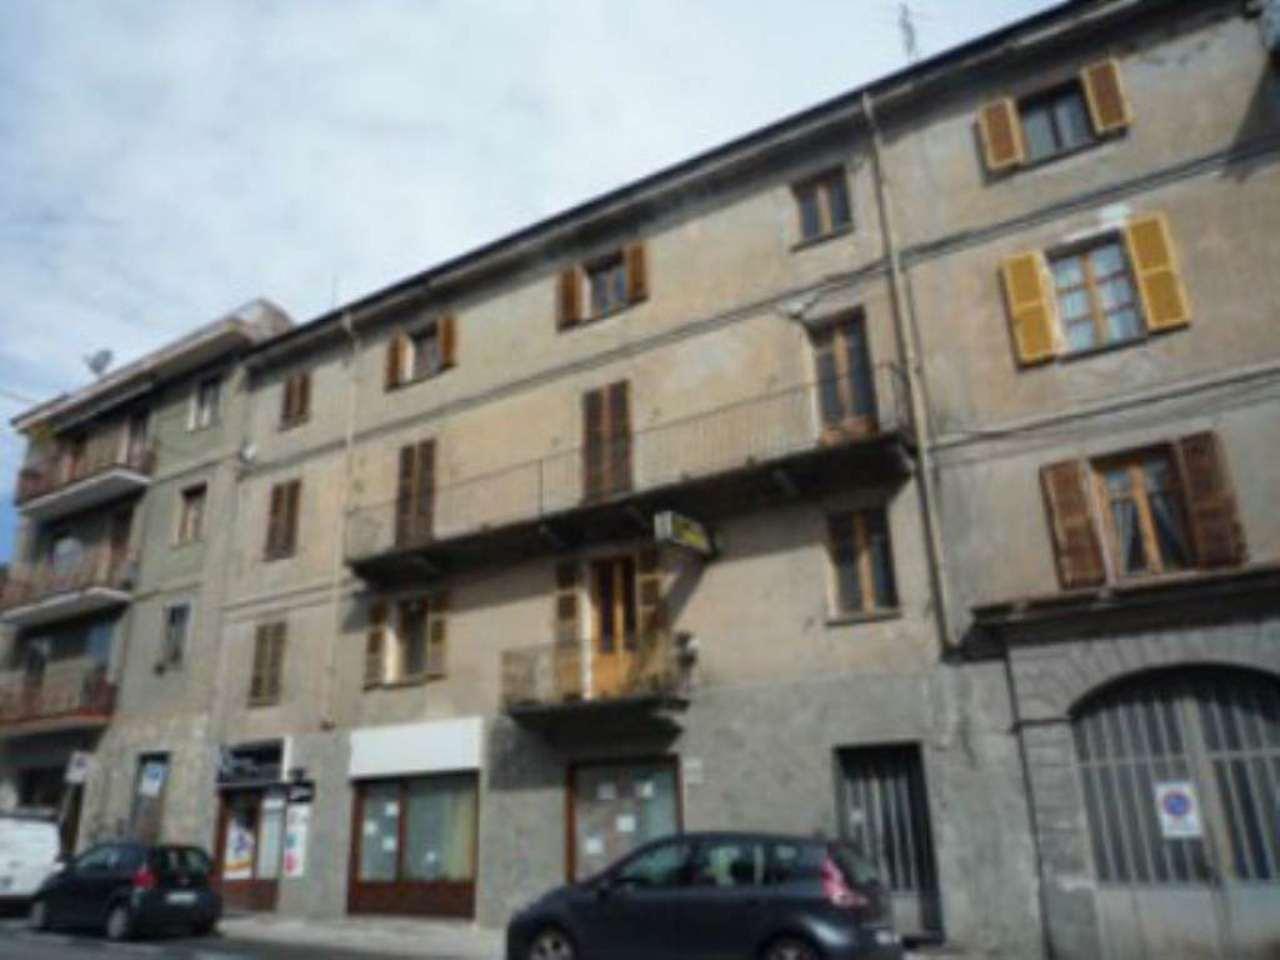 Appartamento in vendita a Susa, 5 locali, prezzo € 59.000 | CambioCasa.it